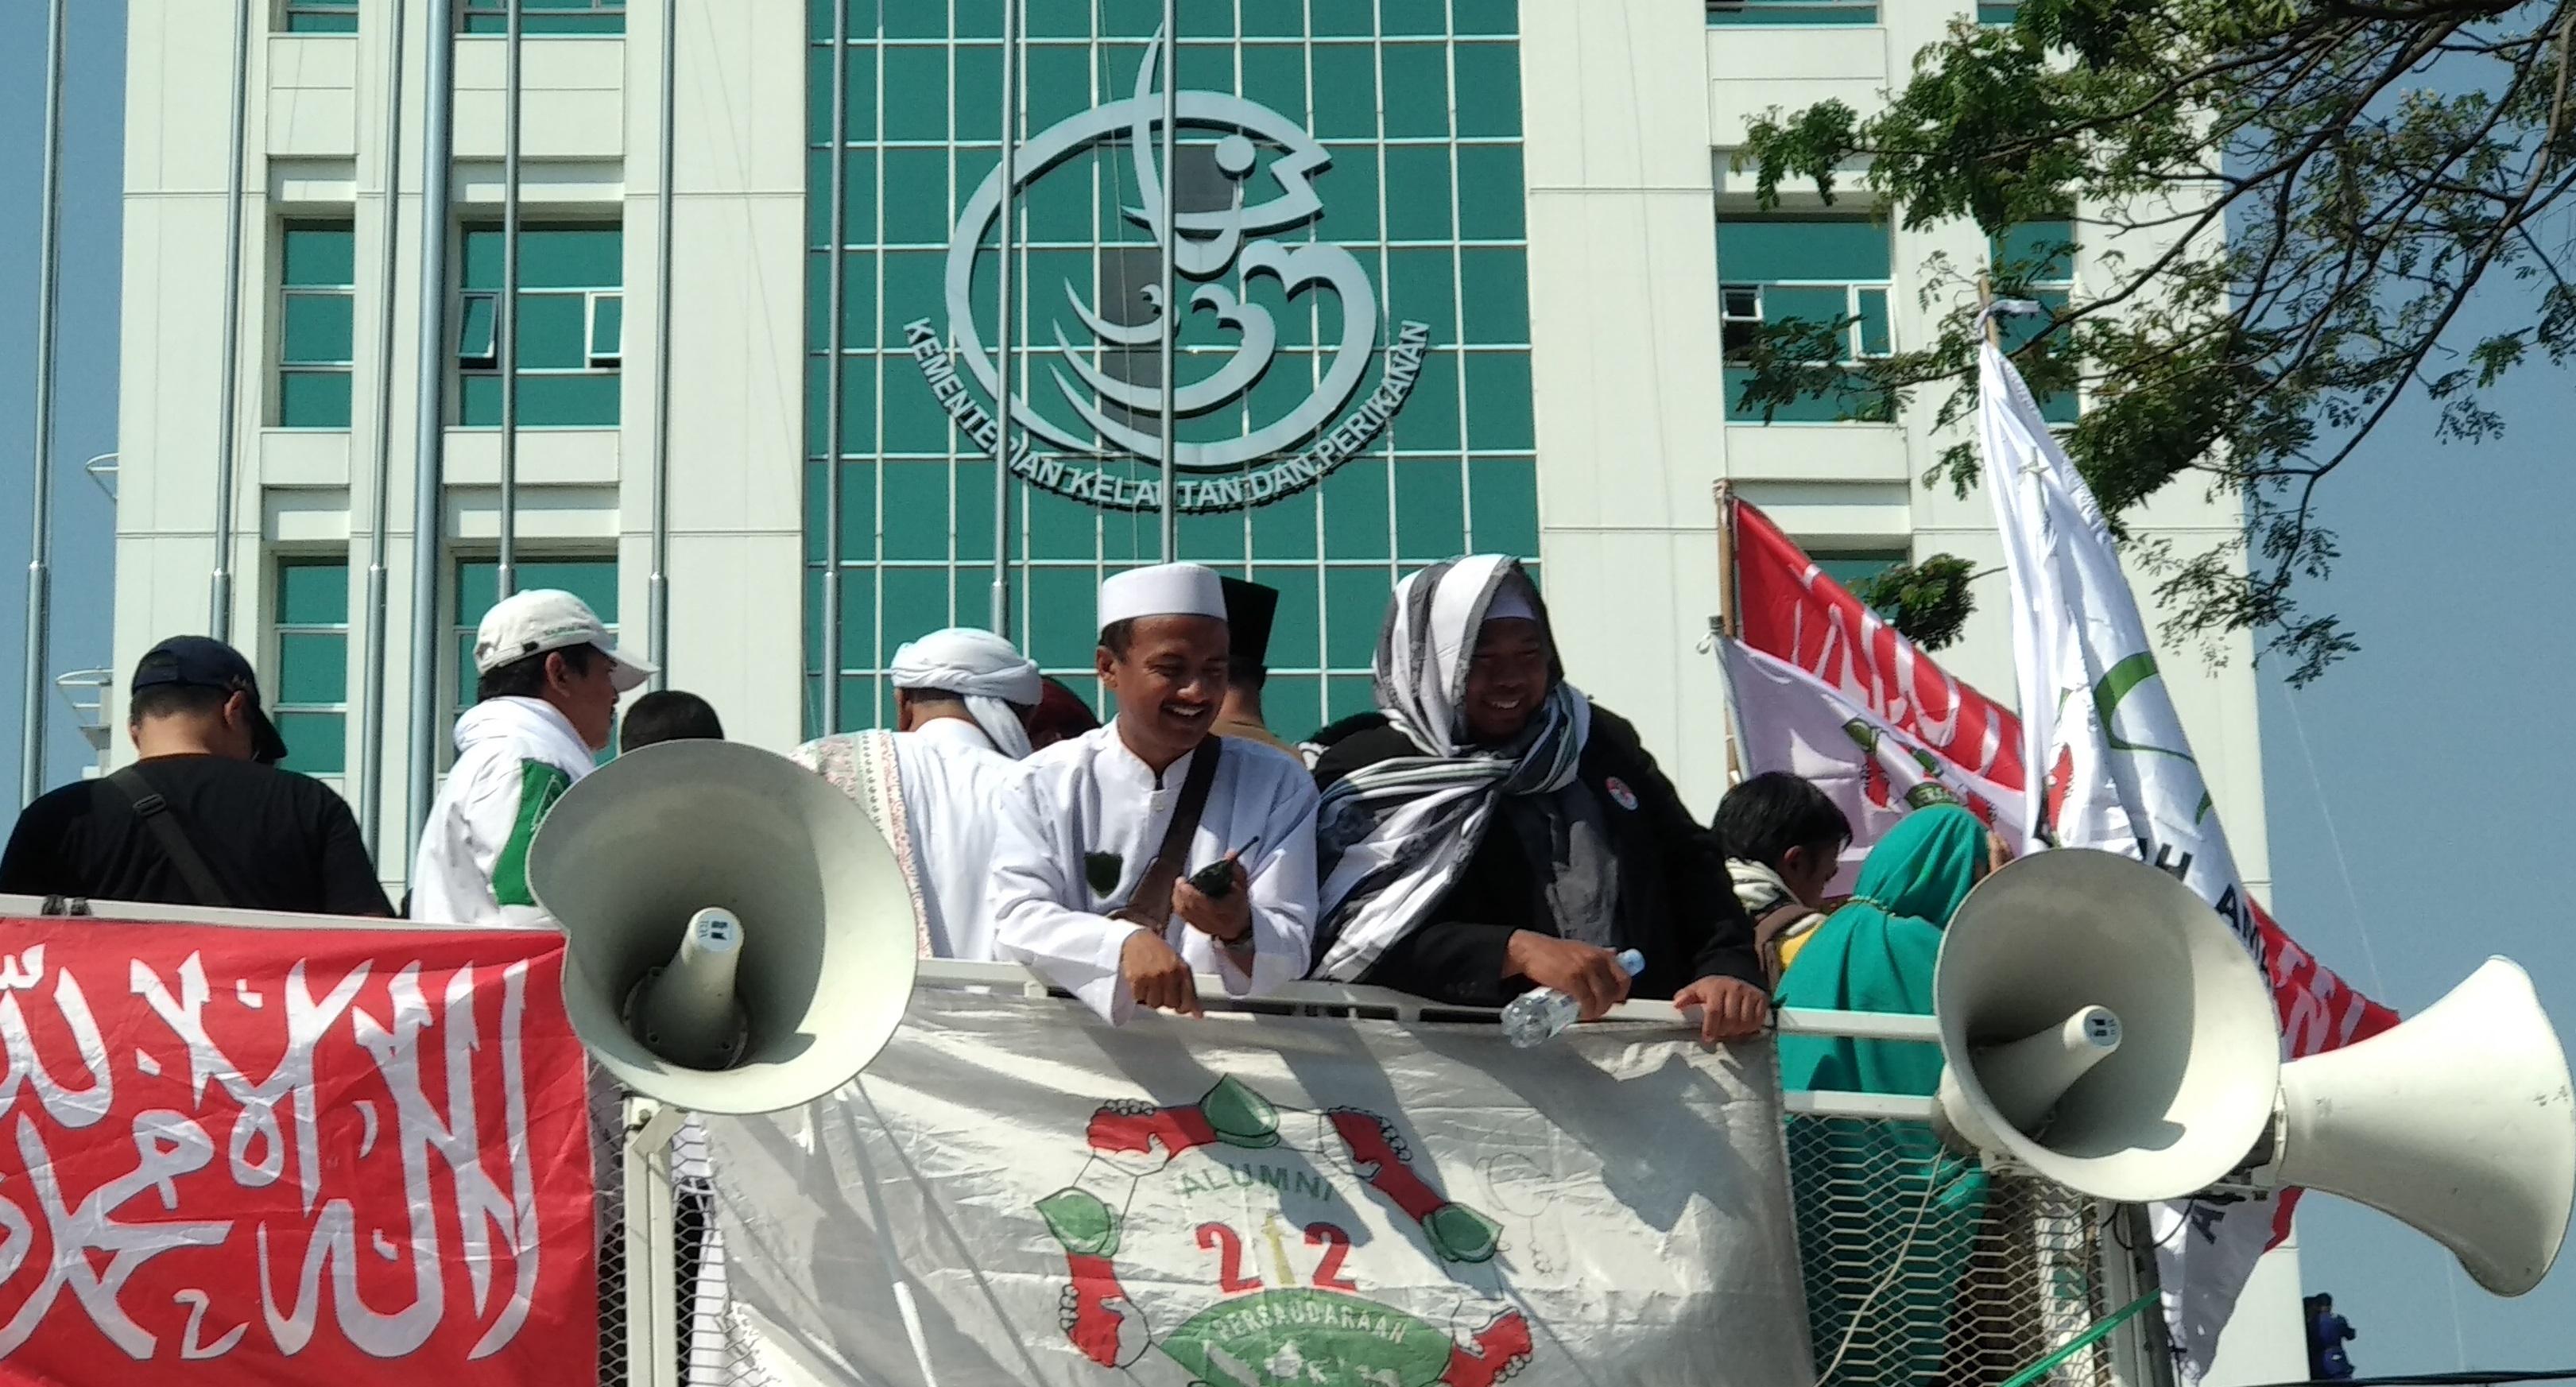 Slamet Maarif: Ustadz Slamet Ma'arif: Tegakan Hukum Dan Keadilan